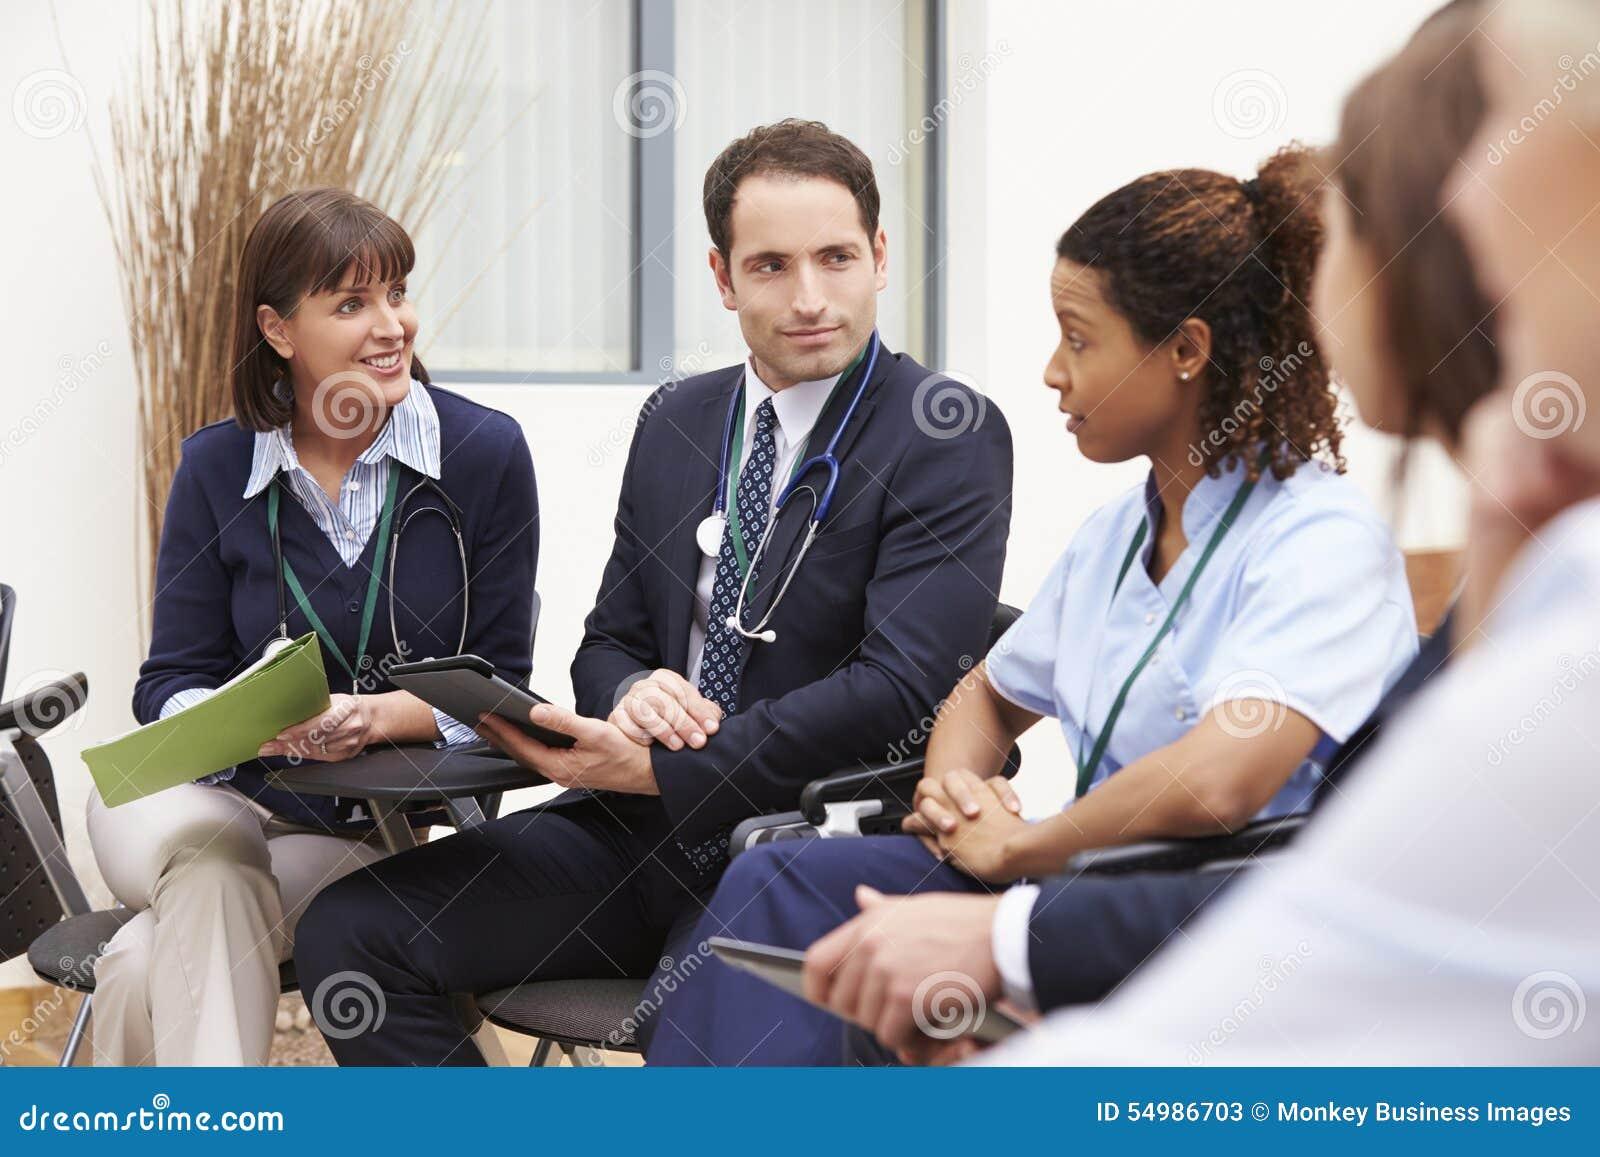 Medlemmar av den medicinska personalen, i möte tillsammans